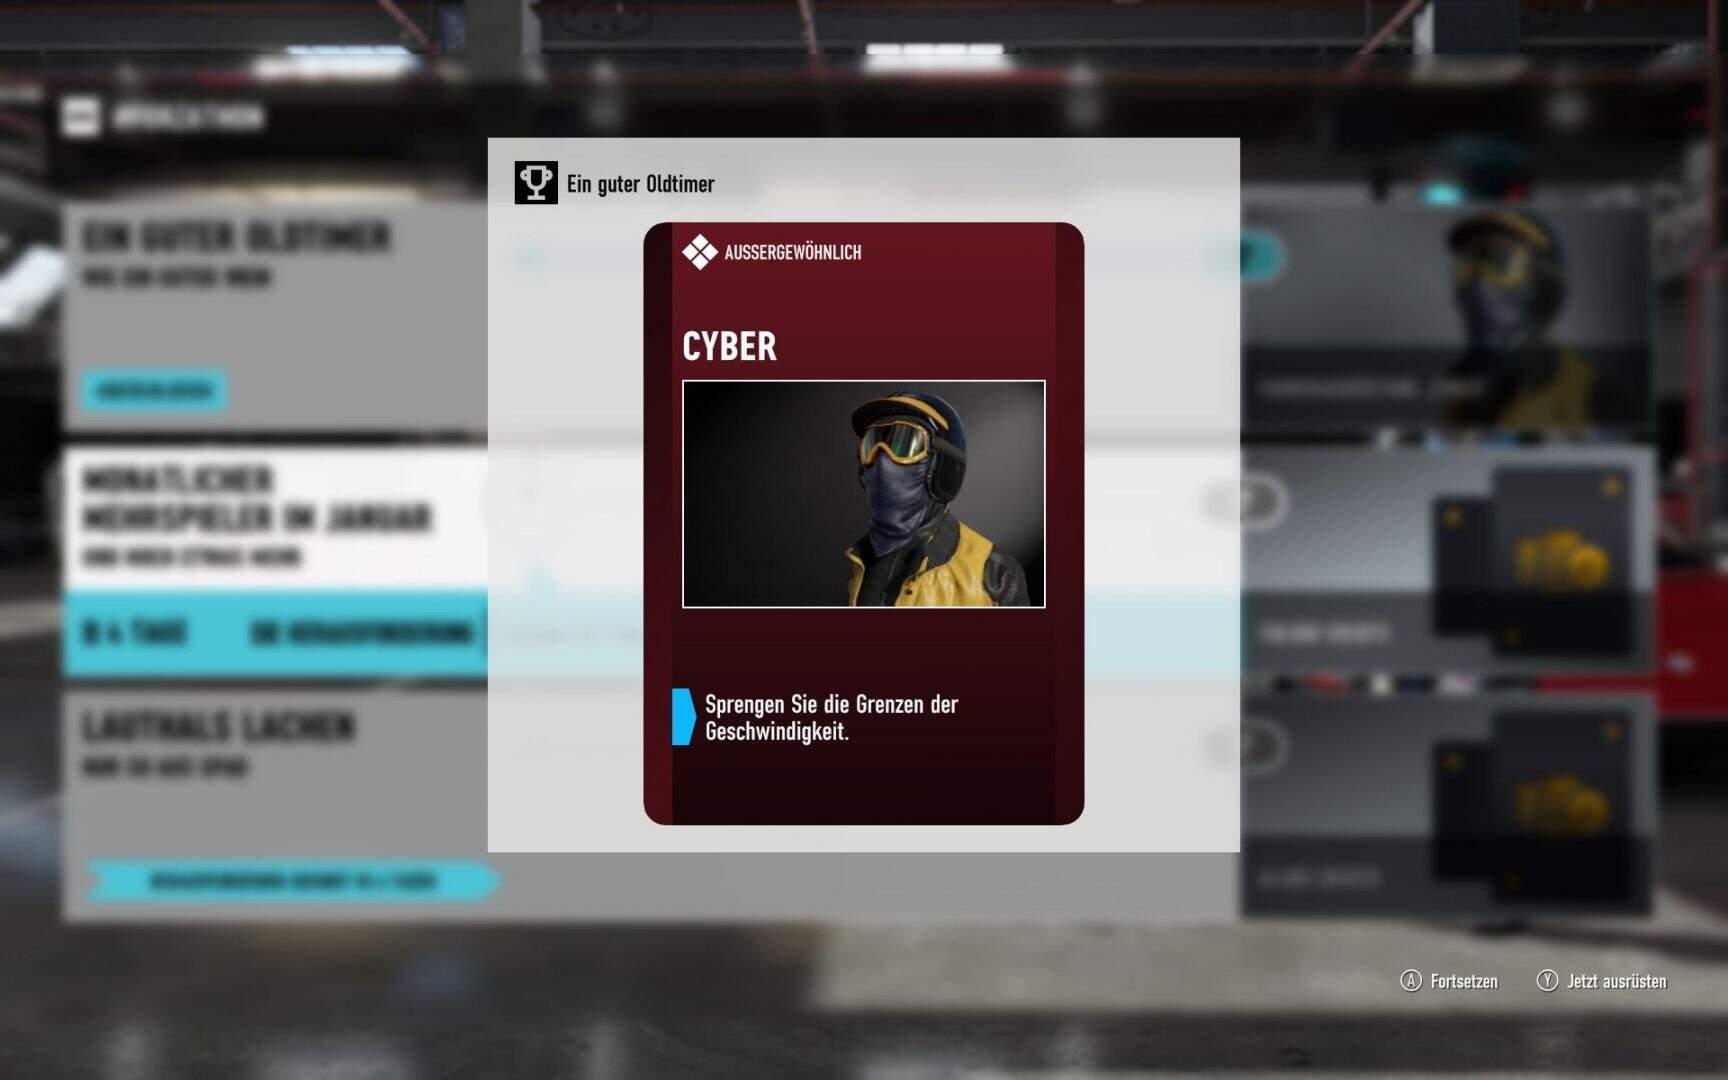 Forza Motorsport 7 Fahrerausrüstung Cyber